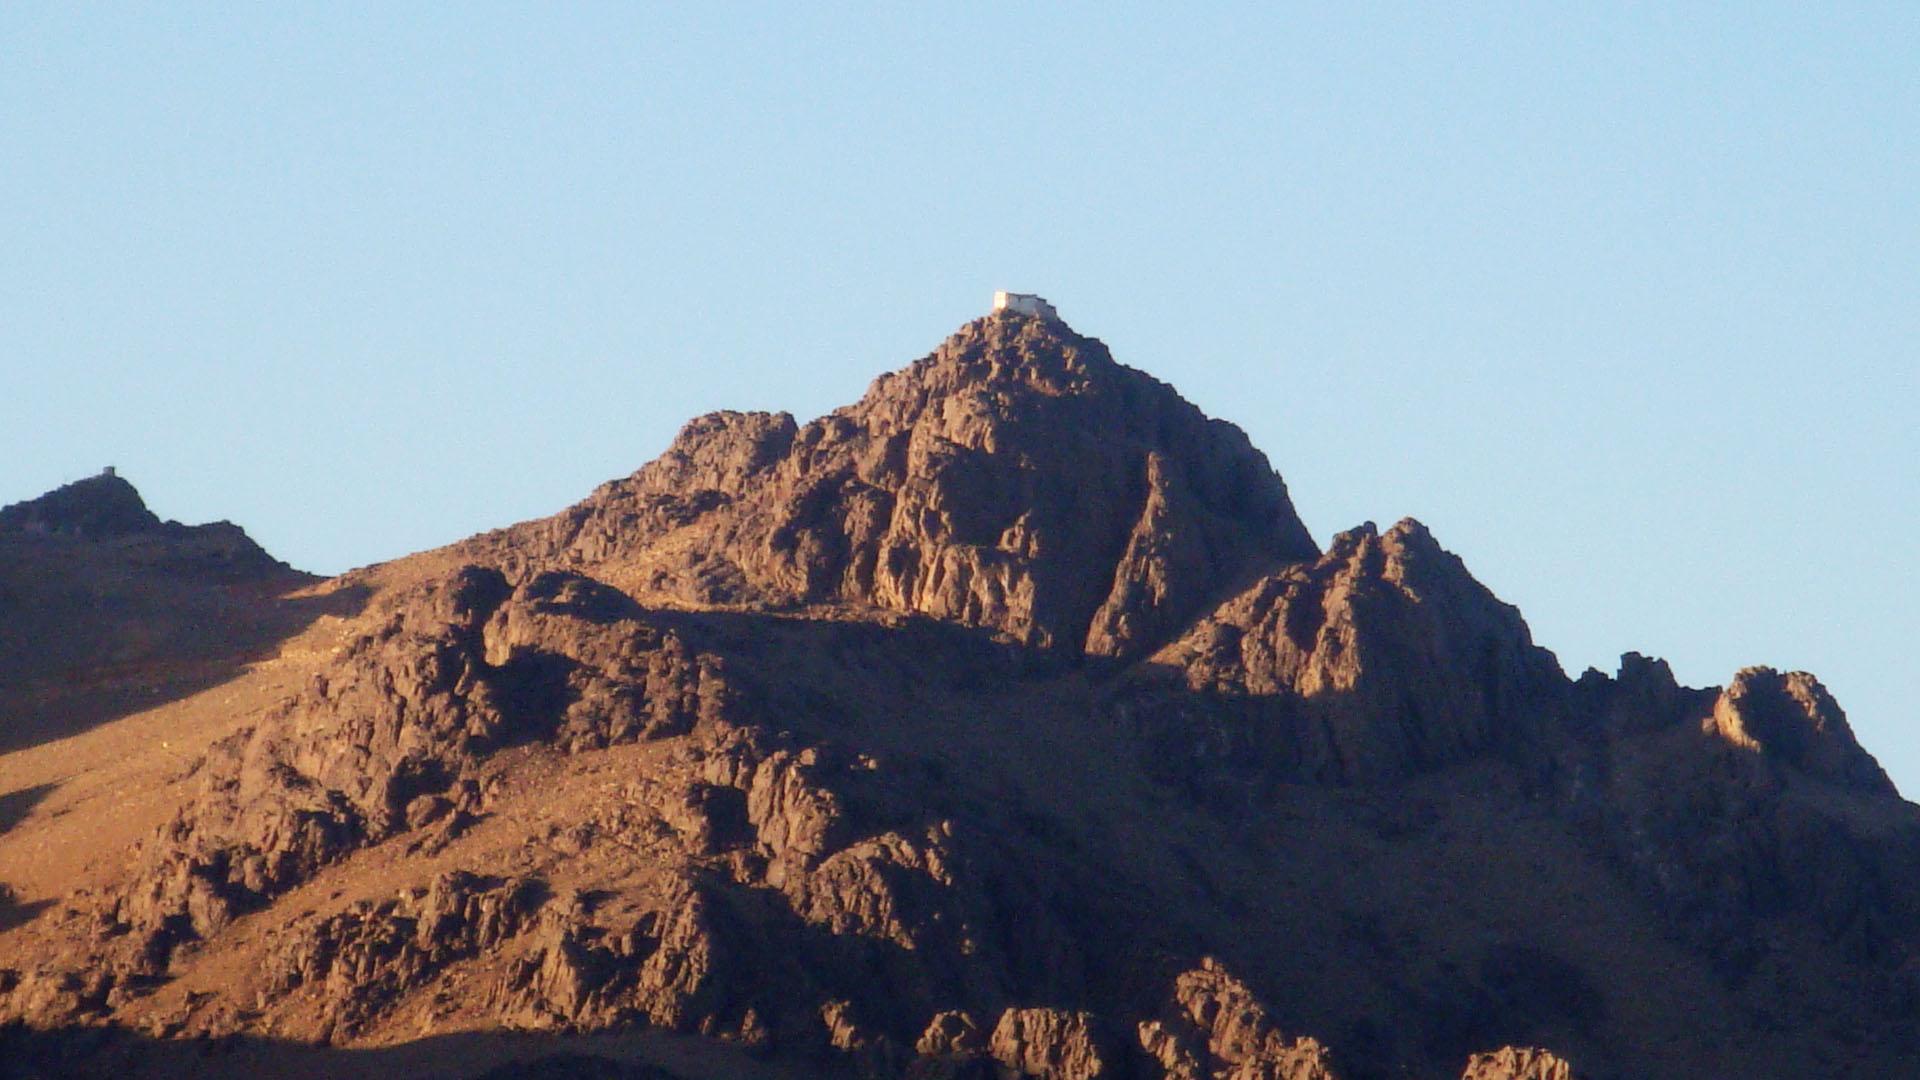 Photo of უძველესი ბერძნული მონასტერი სინას მთაზე, რომელიც ტერორისტებს გადაურჩა